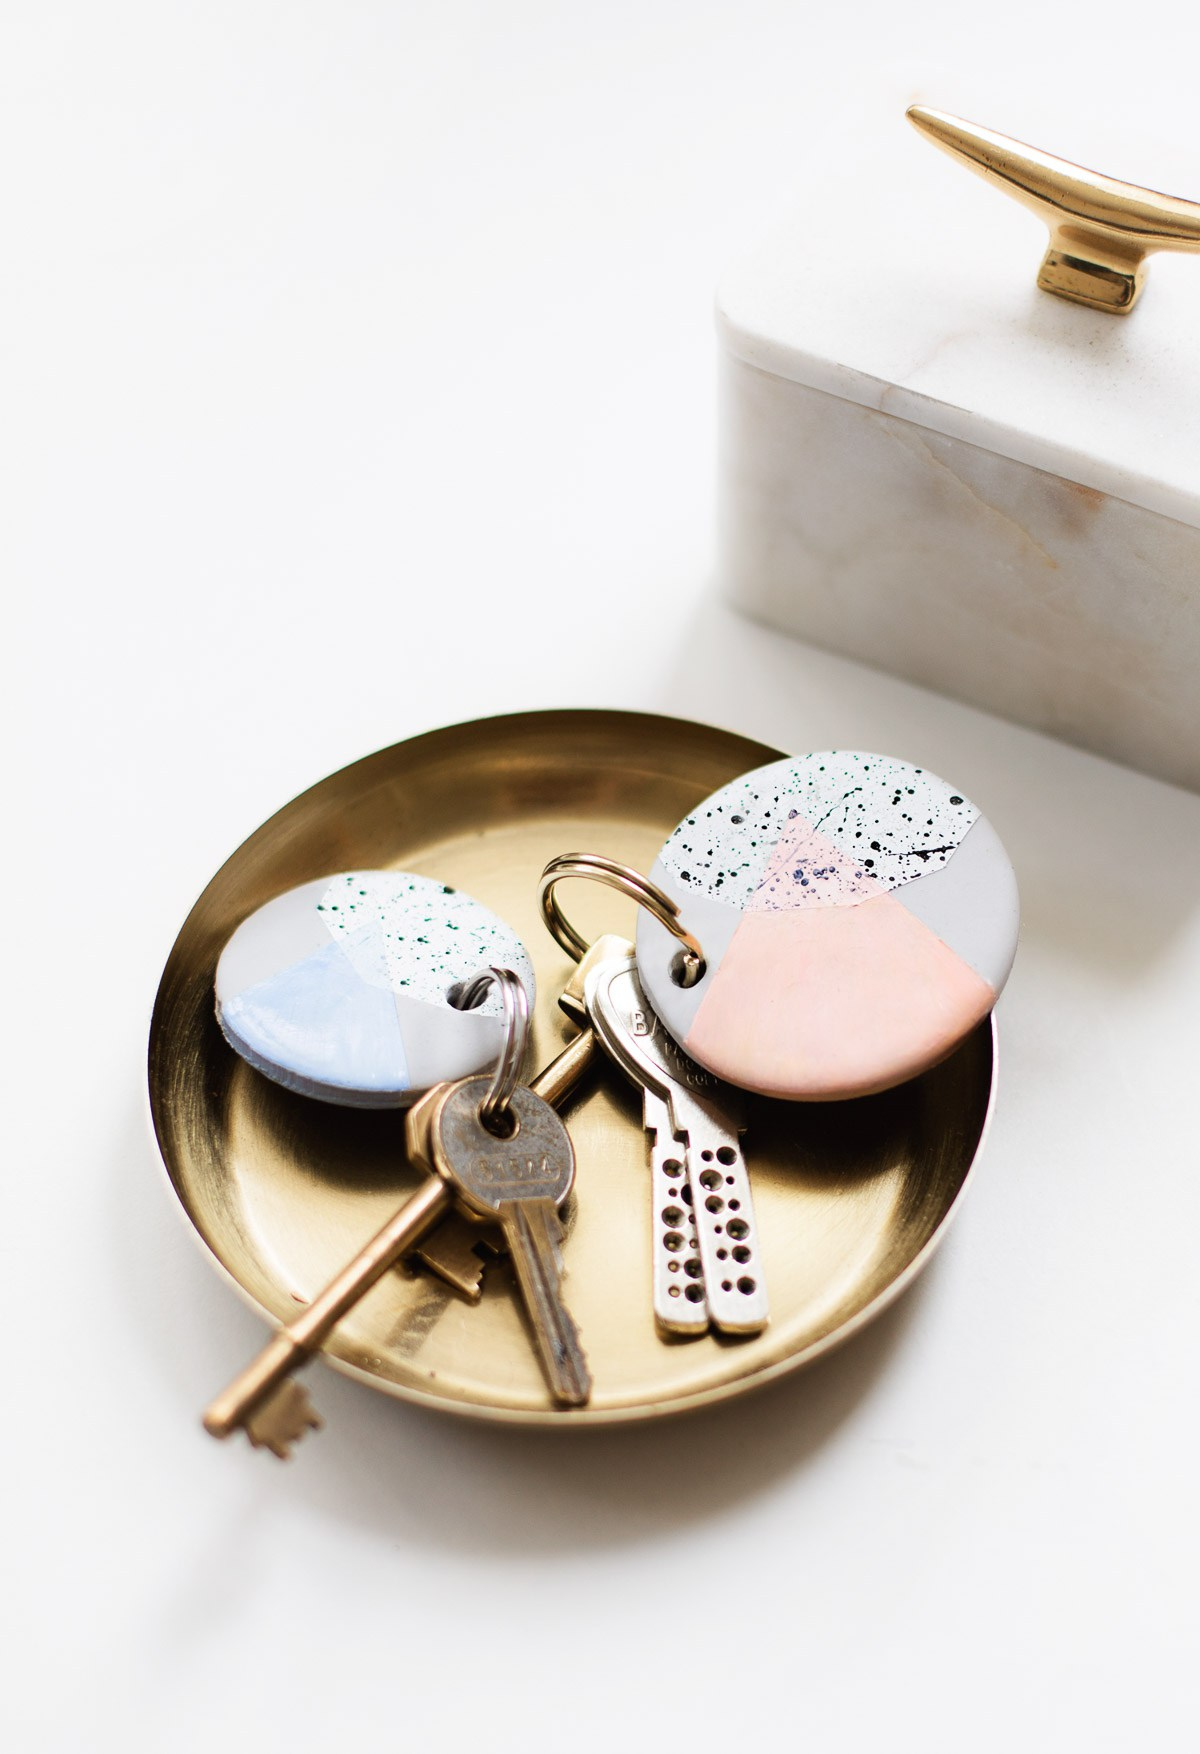 Nøglering med geometrisk mønster fra  Sugar and cloth . De er lynhurtige at lave, og kan gøres så personlige og unikke som man har lyst til. En gave der får modtageren til at sende dig en tanke hvergang hun/han låser en dør op.